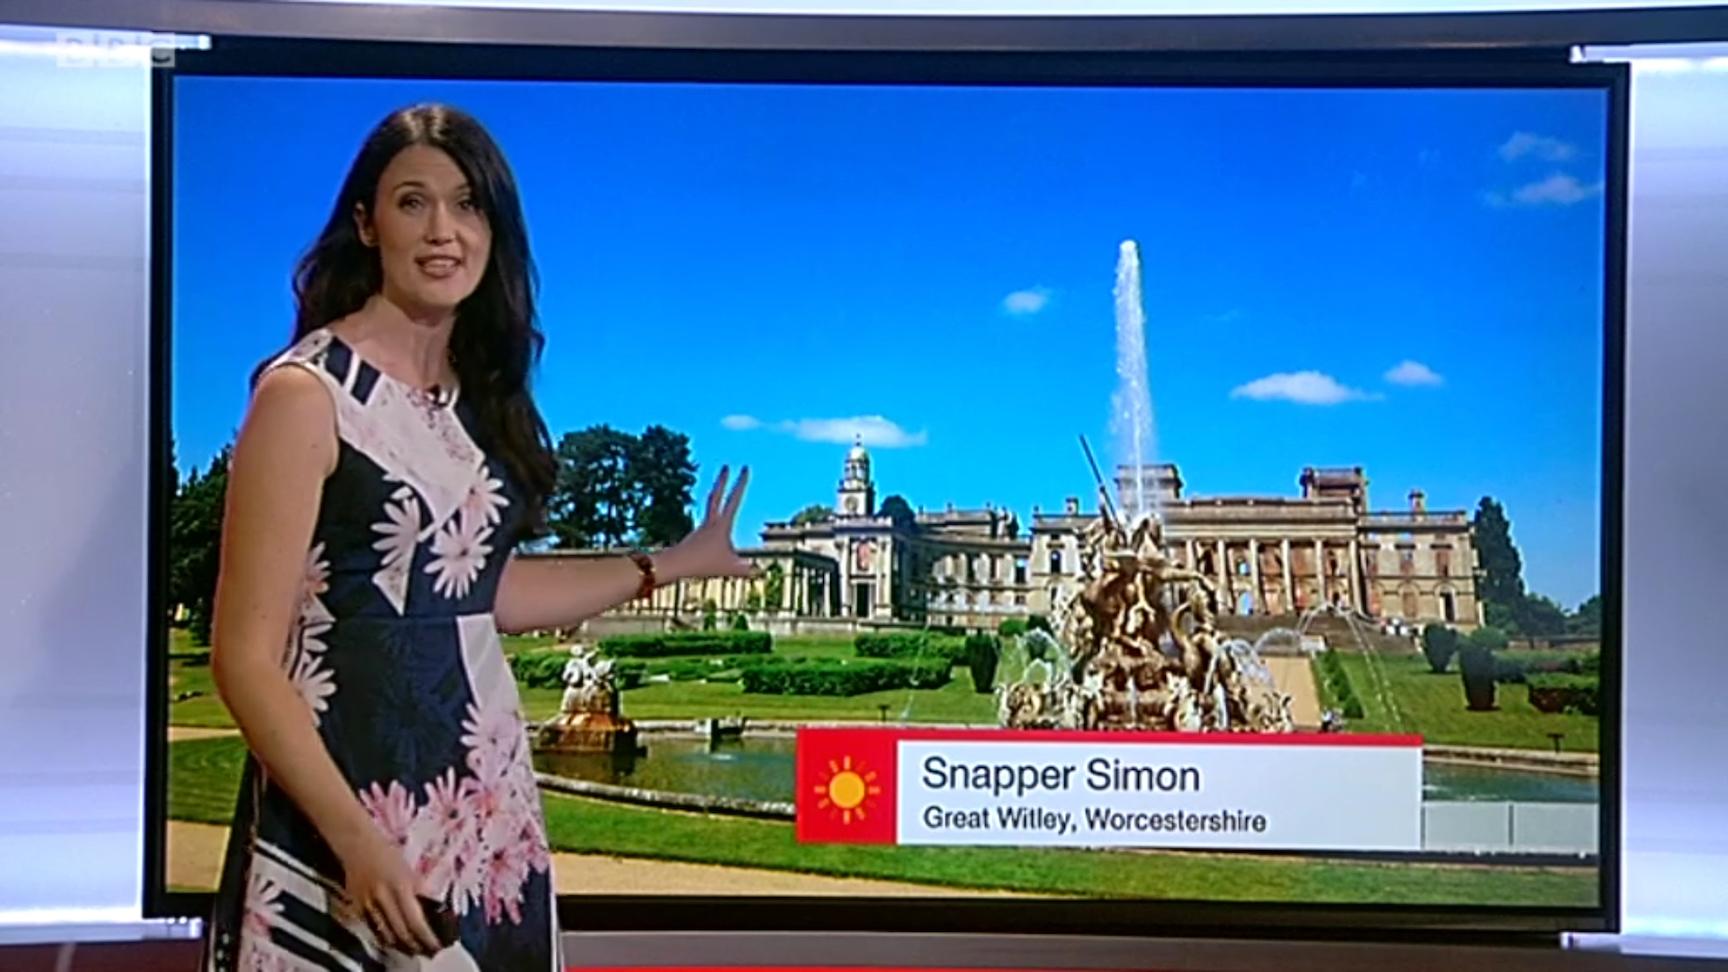 Spouting Snapper Simon